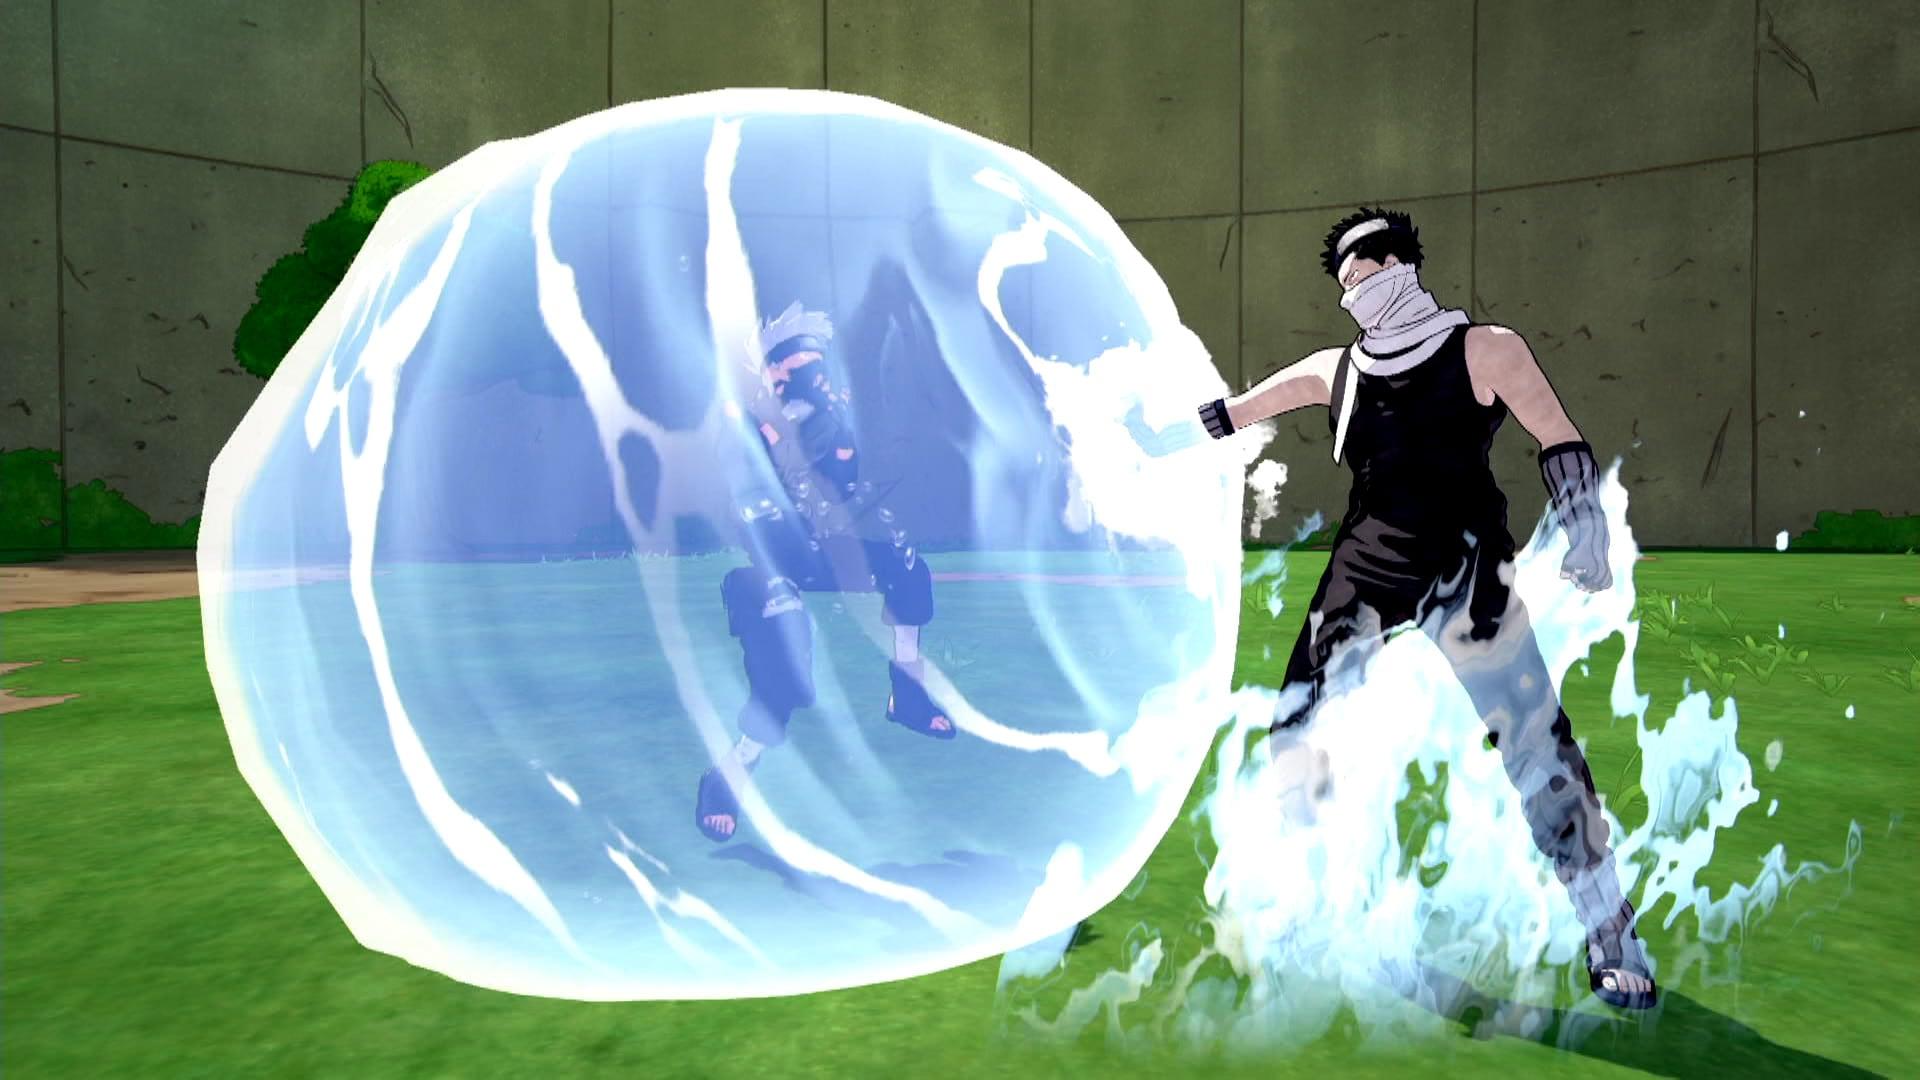 Naruto to Boruto: SHINOBI STRIKER Season Pass 2 (PC) - Steam Key - GLOBAL - 4